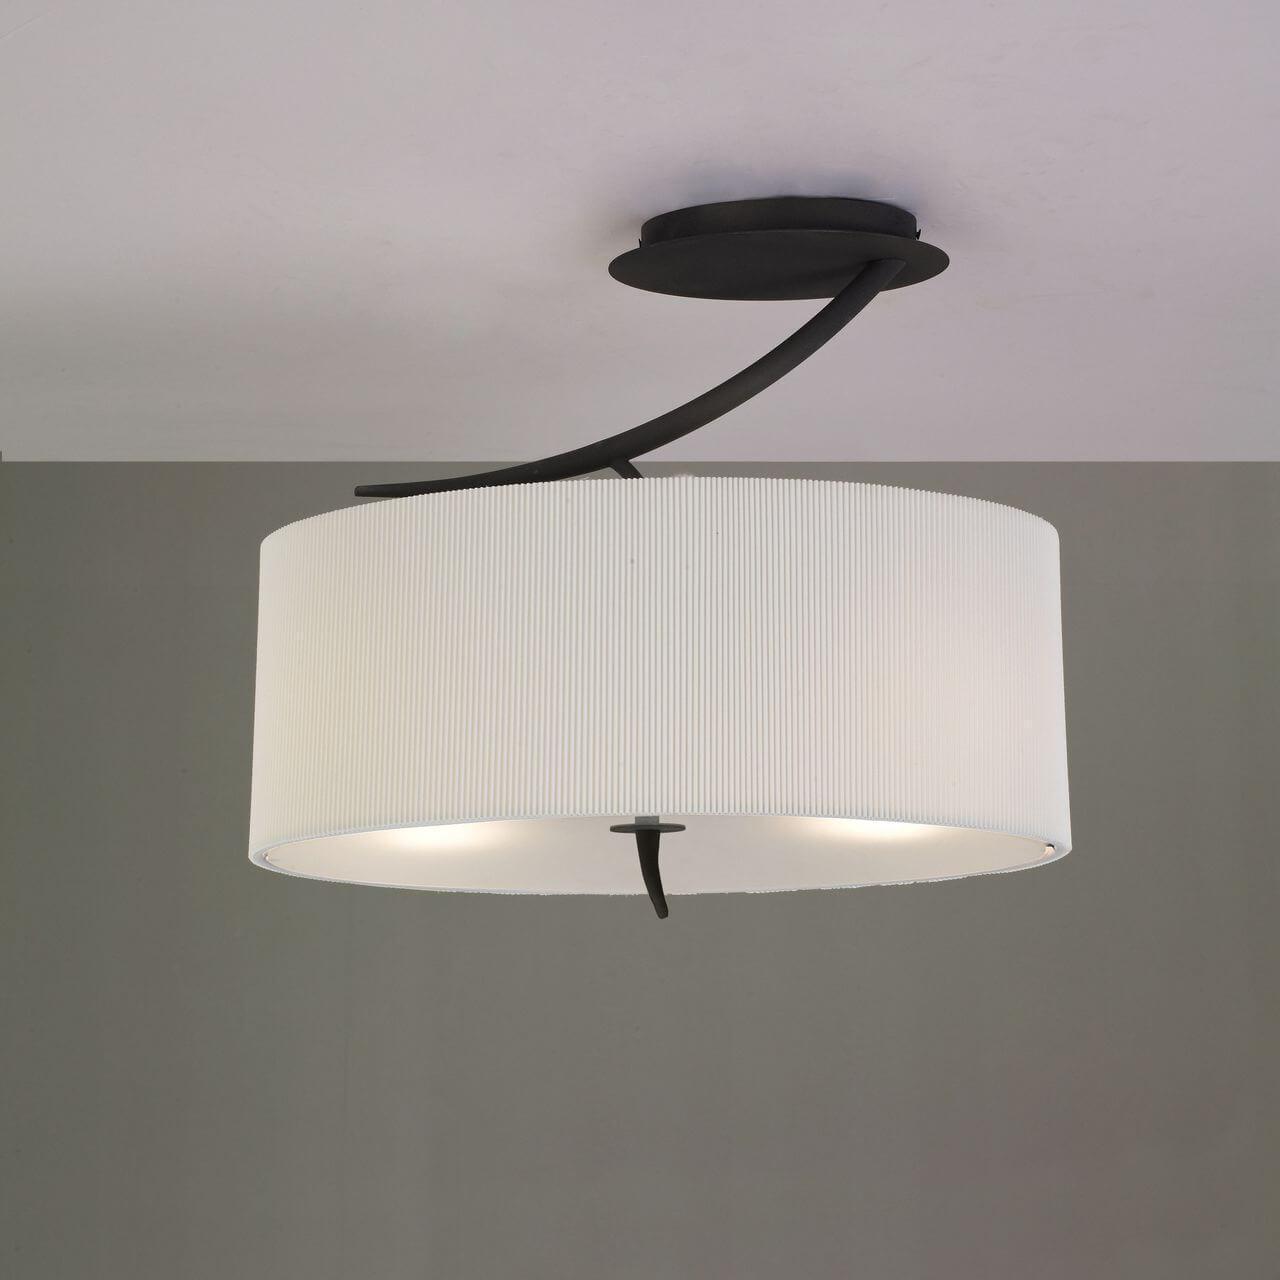 Потолочный светильник Mantra 1152, E27, 20 Вт mantra потолочный светильник mantra mistral 3806